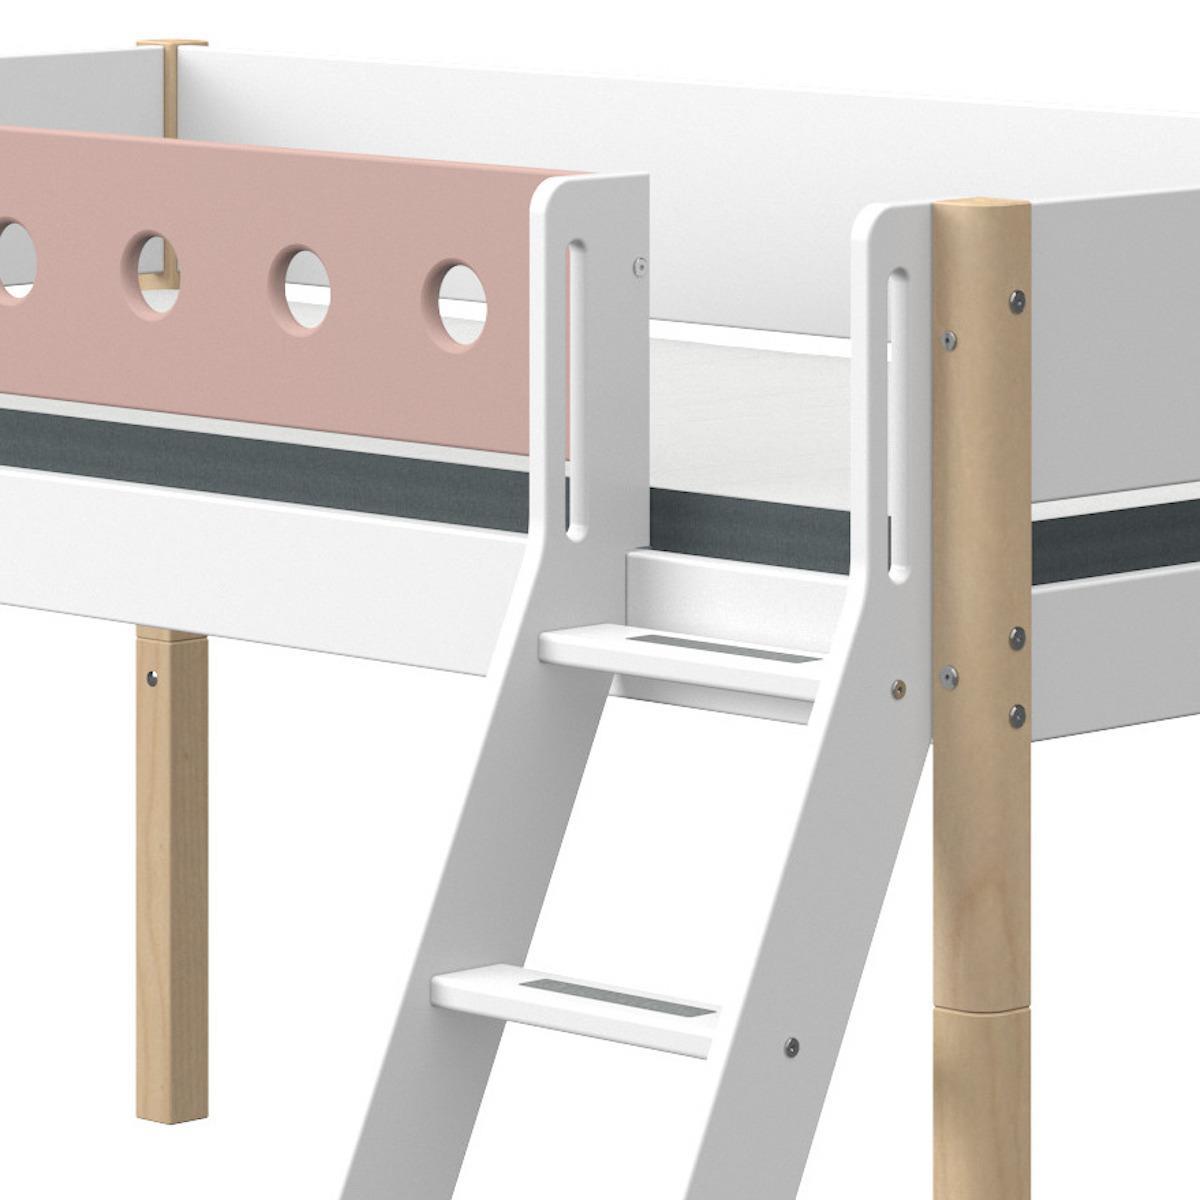 Lit mi hauteur 90x190cm échelle inclinée toboggan WHITE Flexa naturel-light rose